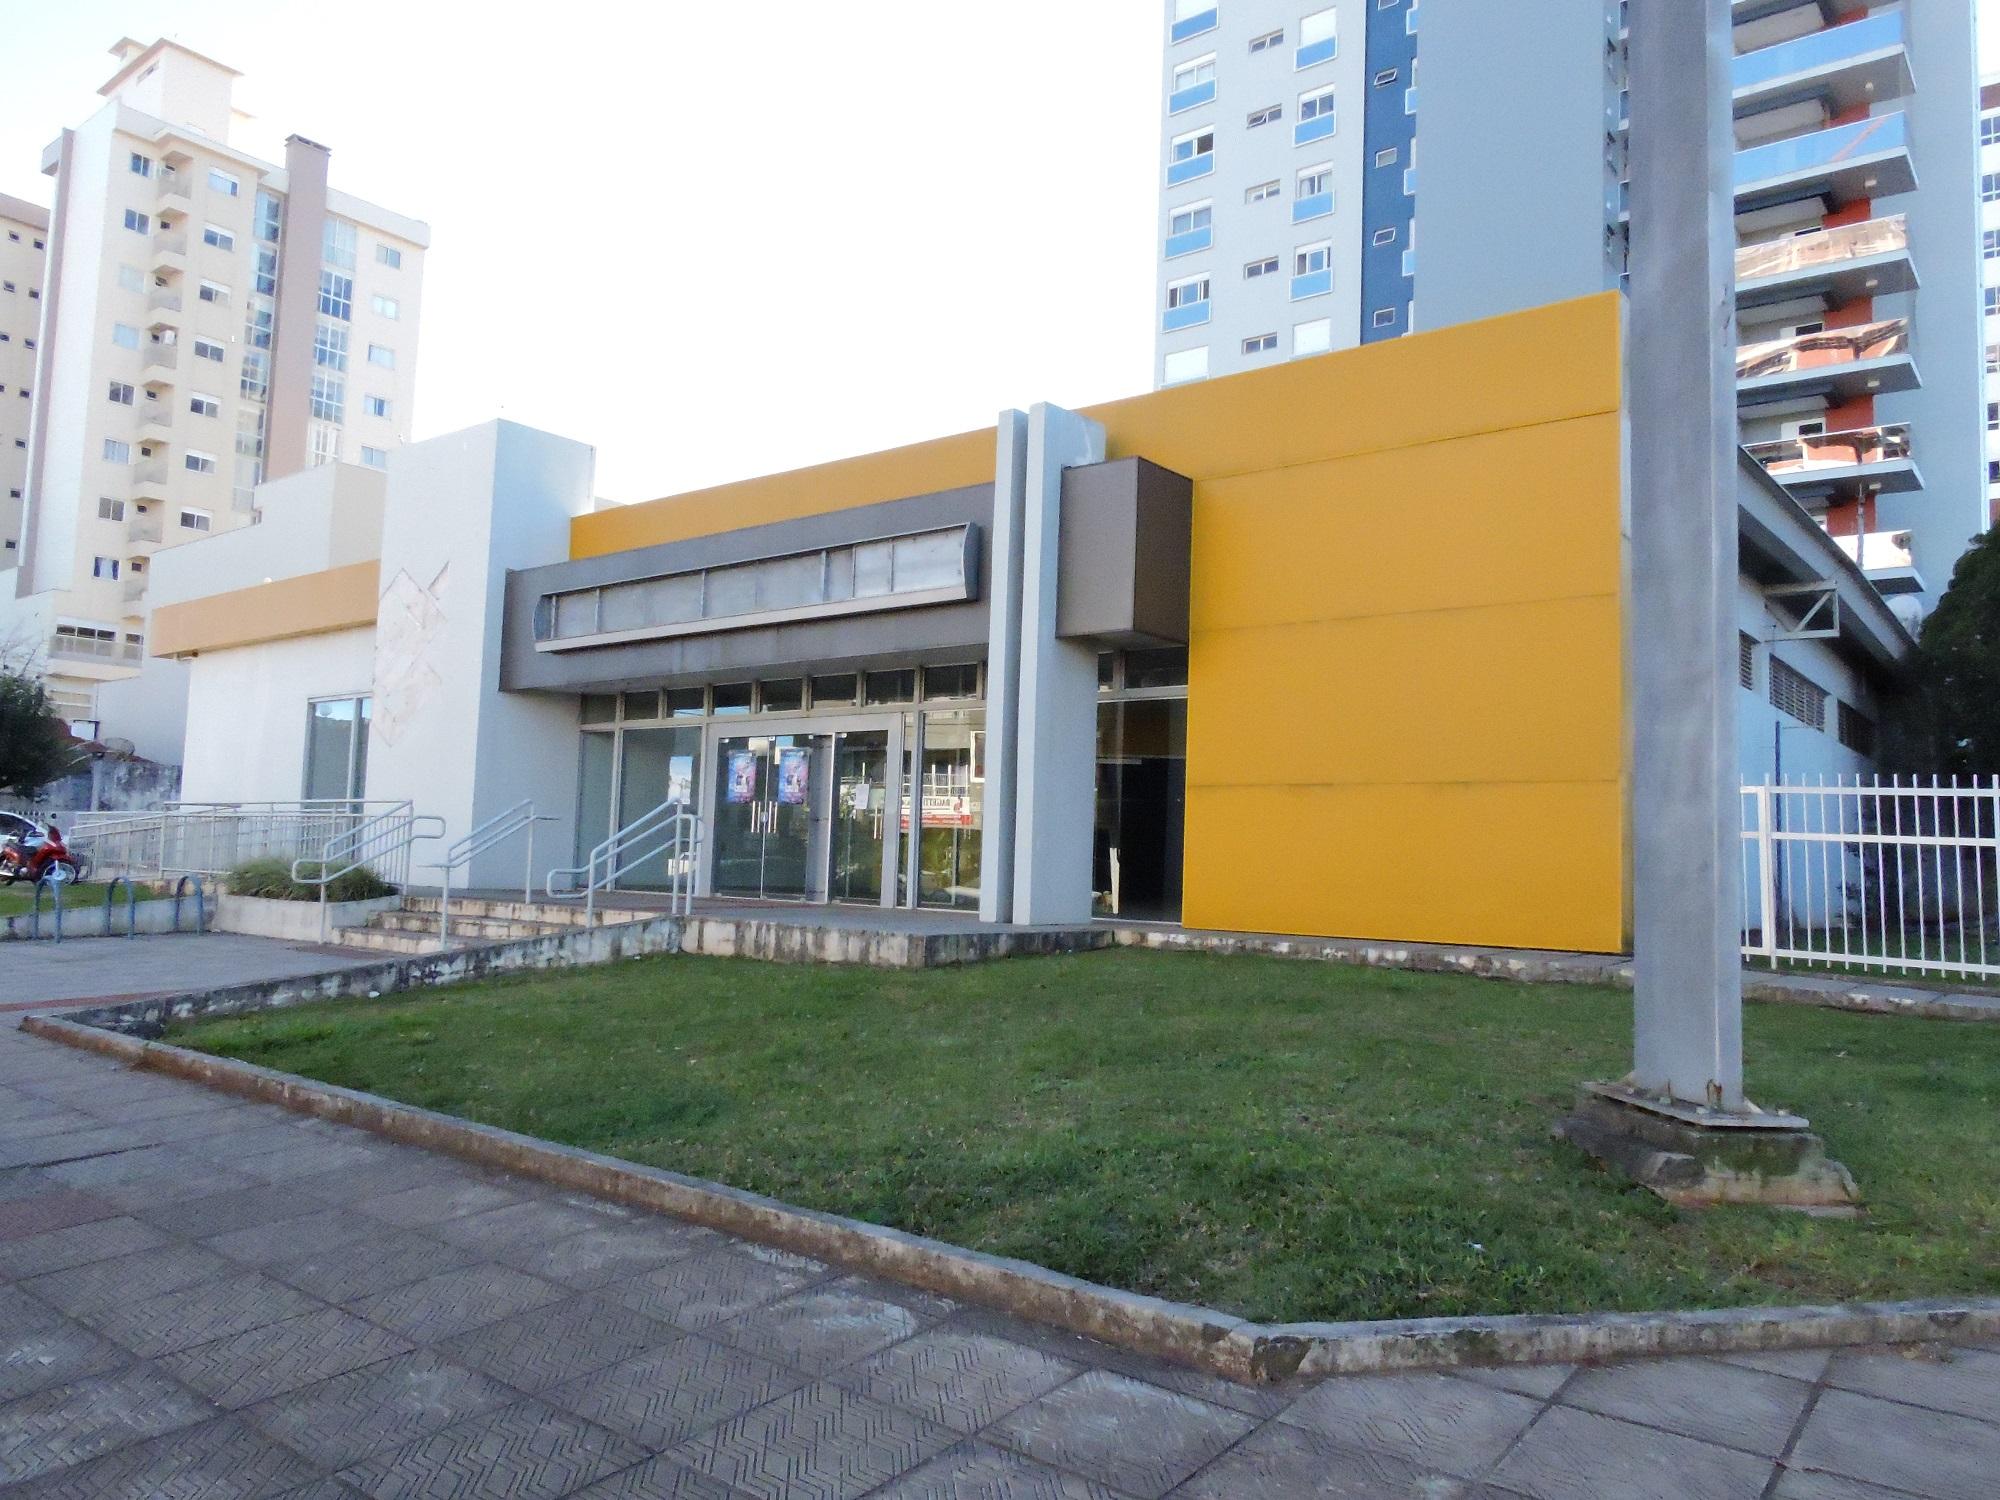 Município desapropria imóvel do antigo Besc para transformar em Prefeitura